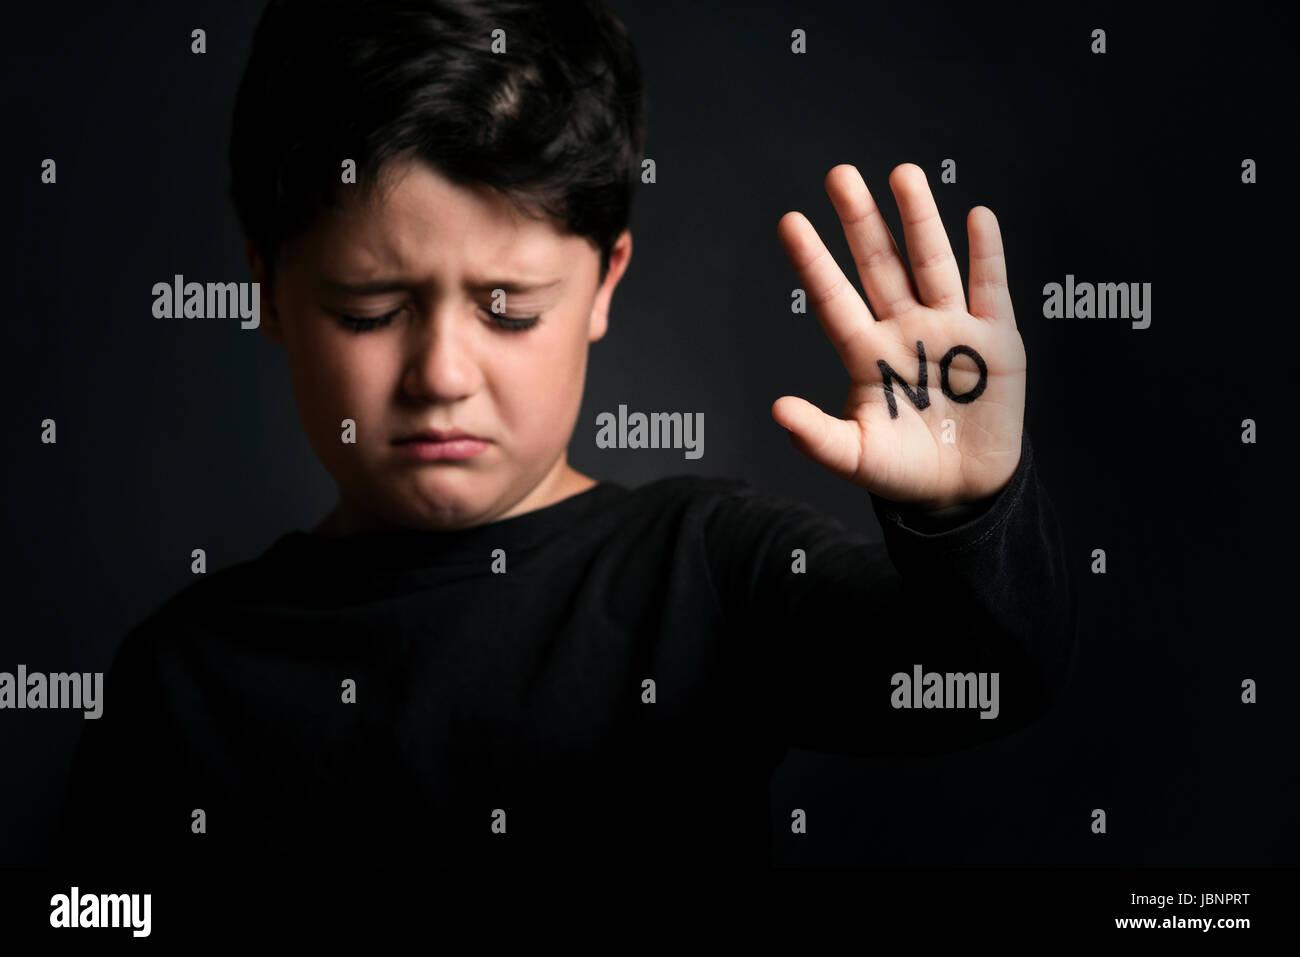 Bambini abusati, bambino con la parola non in sua mano Immagini Stock